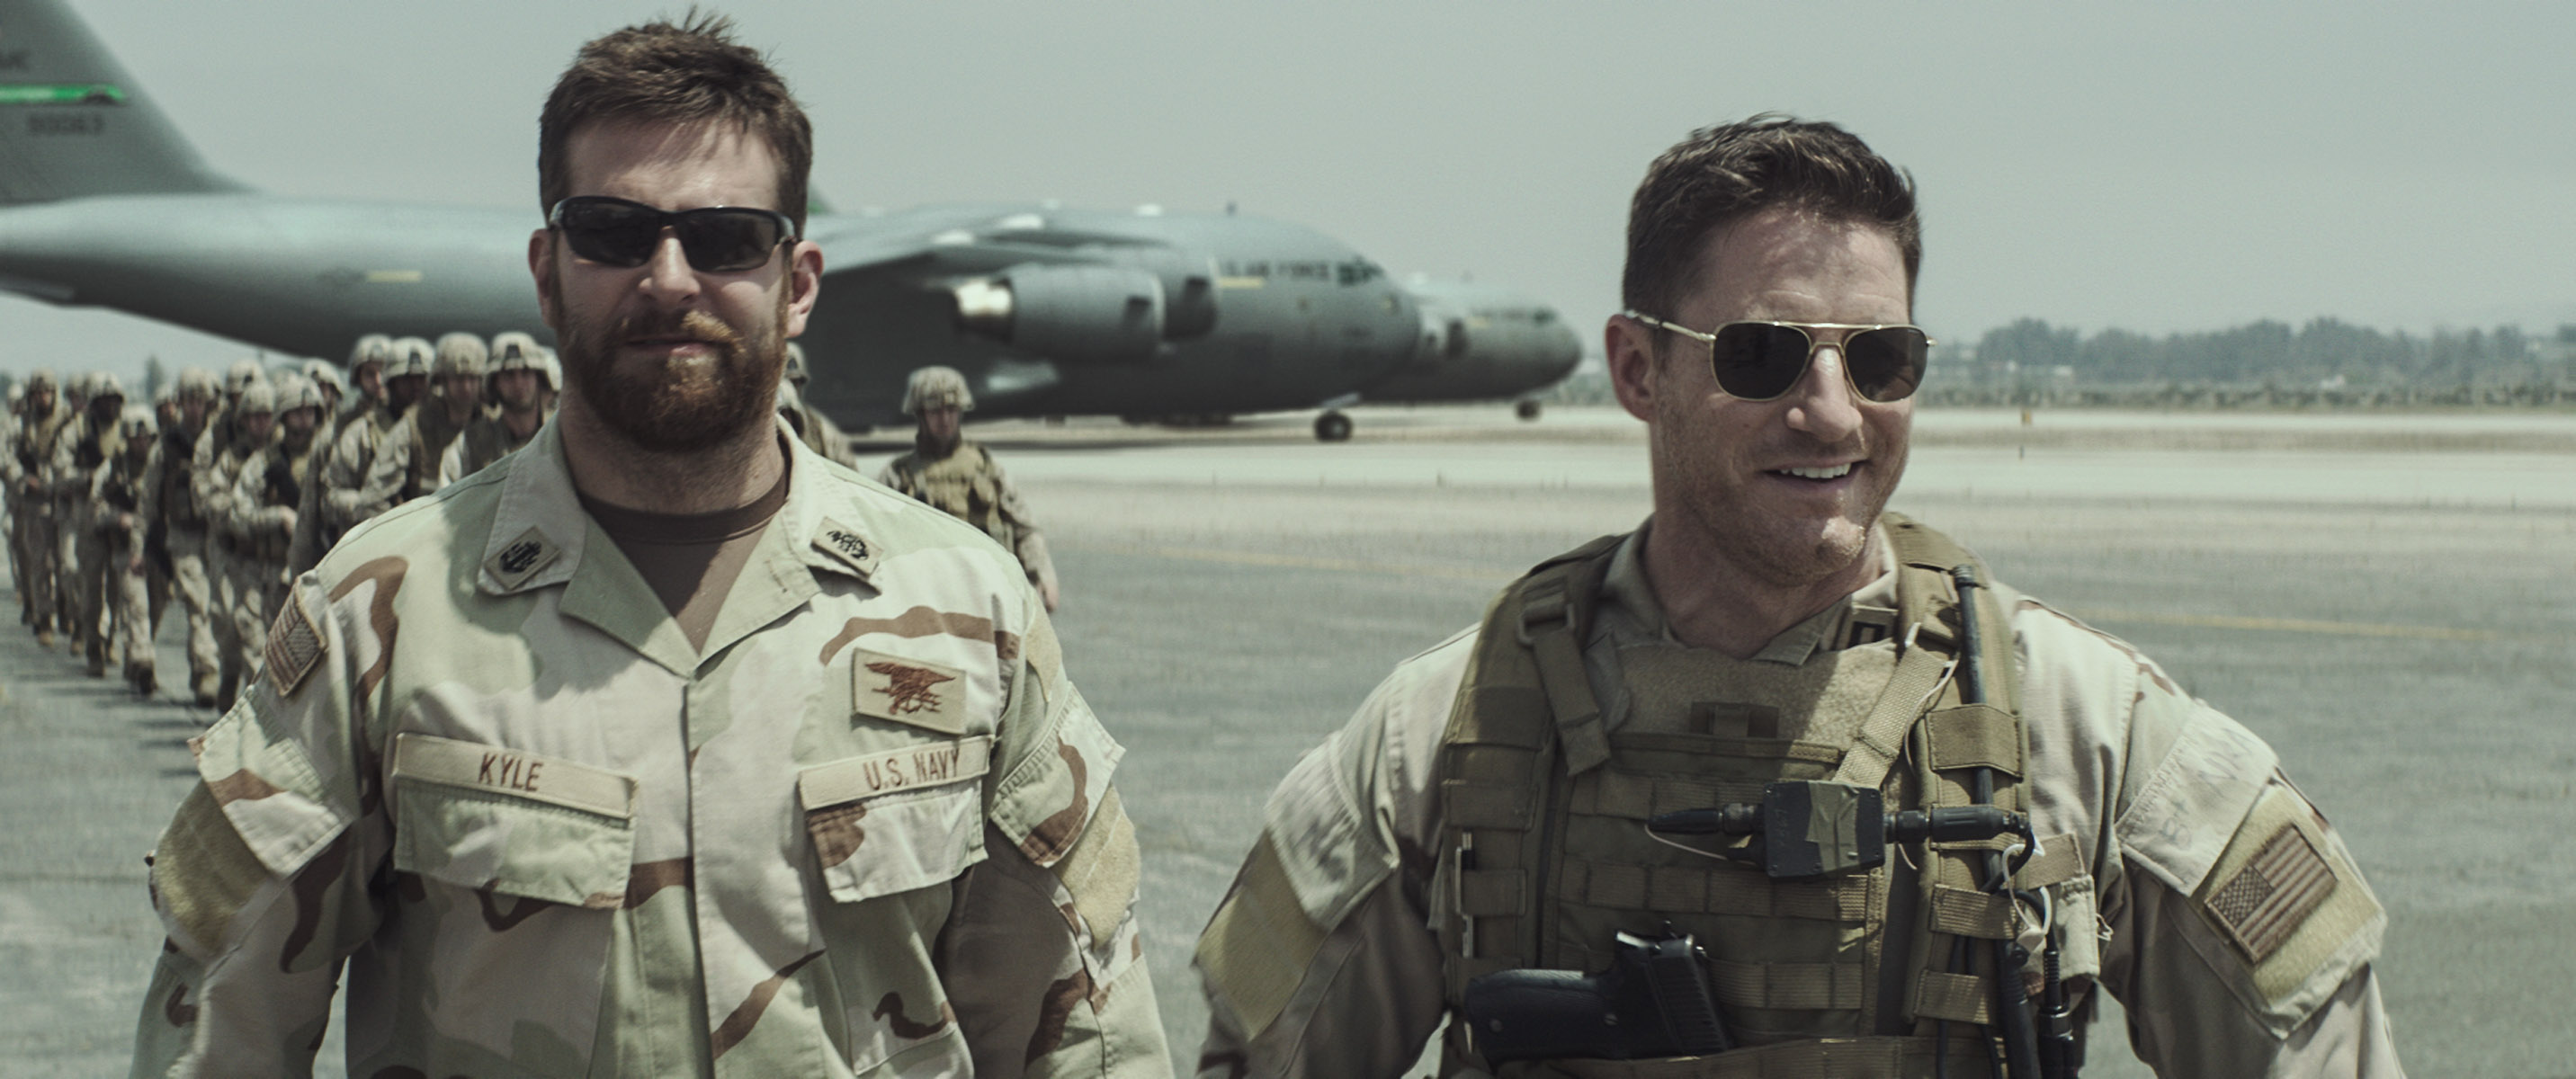 Anti-American Sniper Film Amr Salama